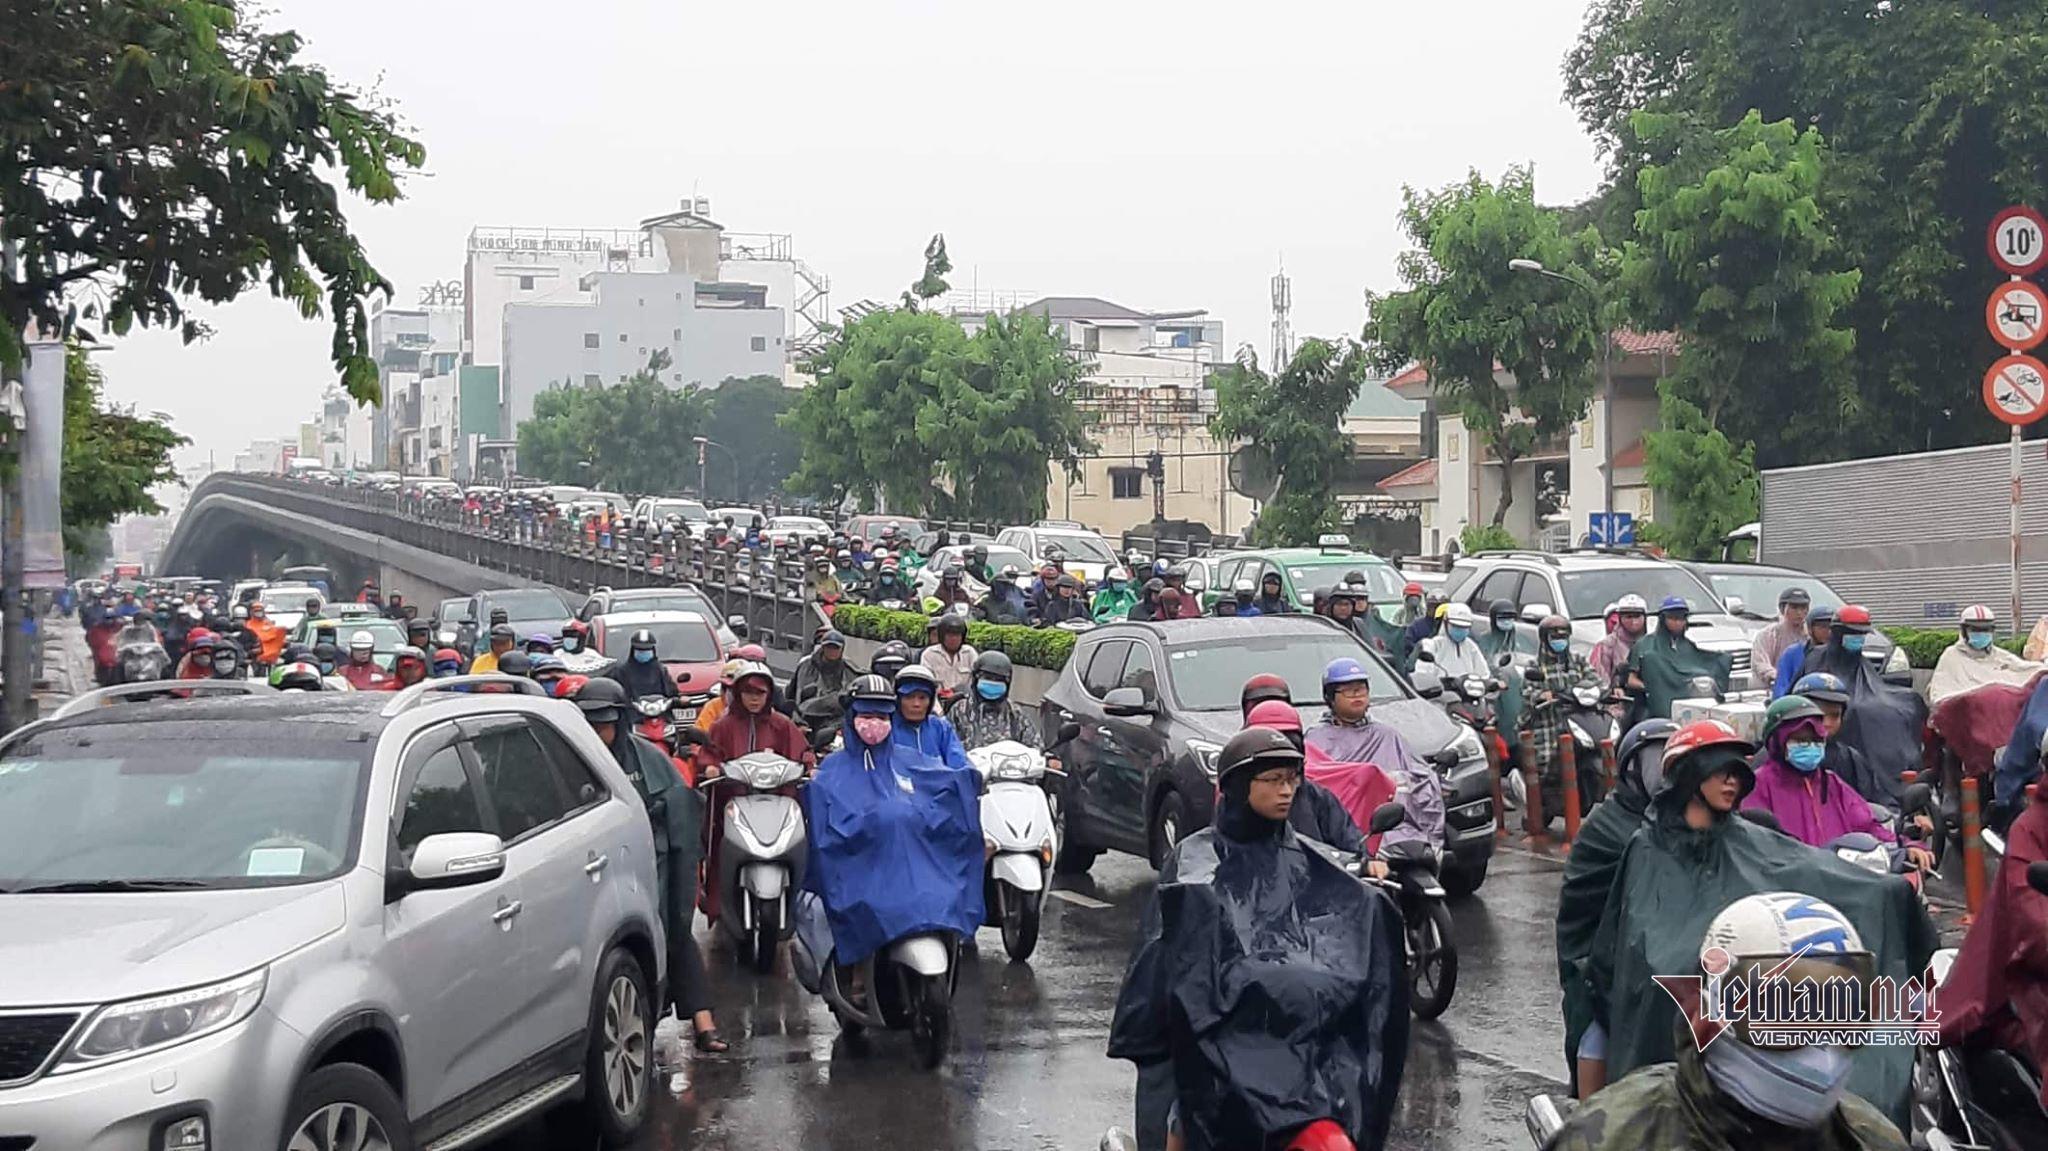 Thời Tiết,Bão Số 6,Sài Gòn,Se Lạnh